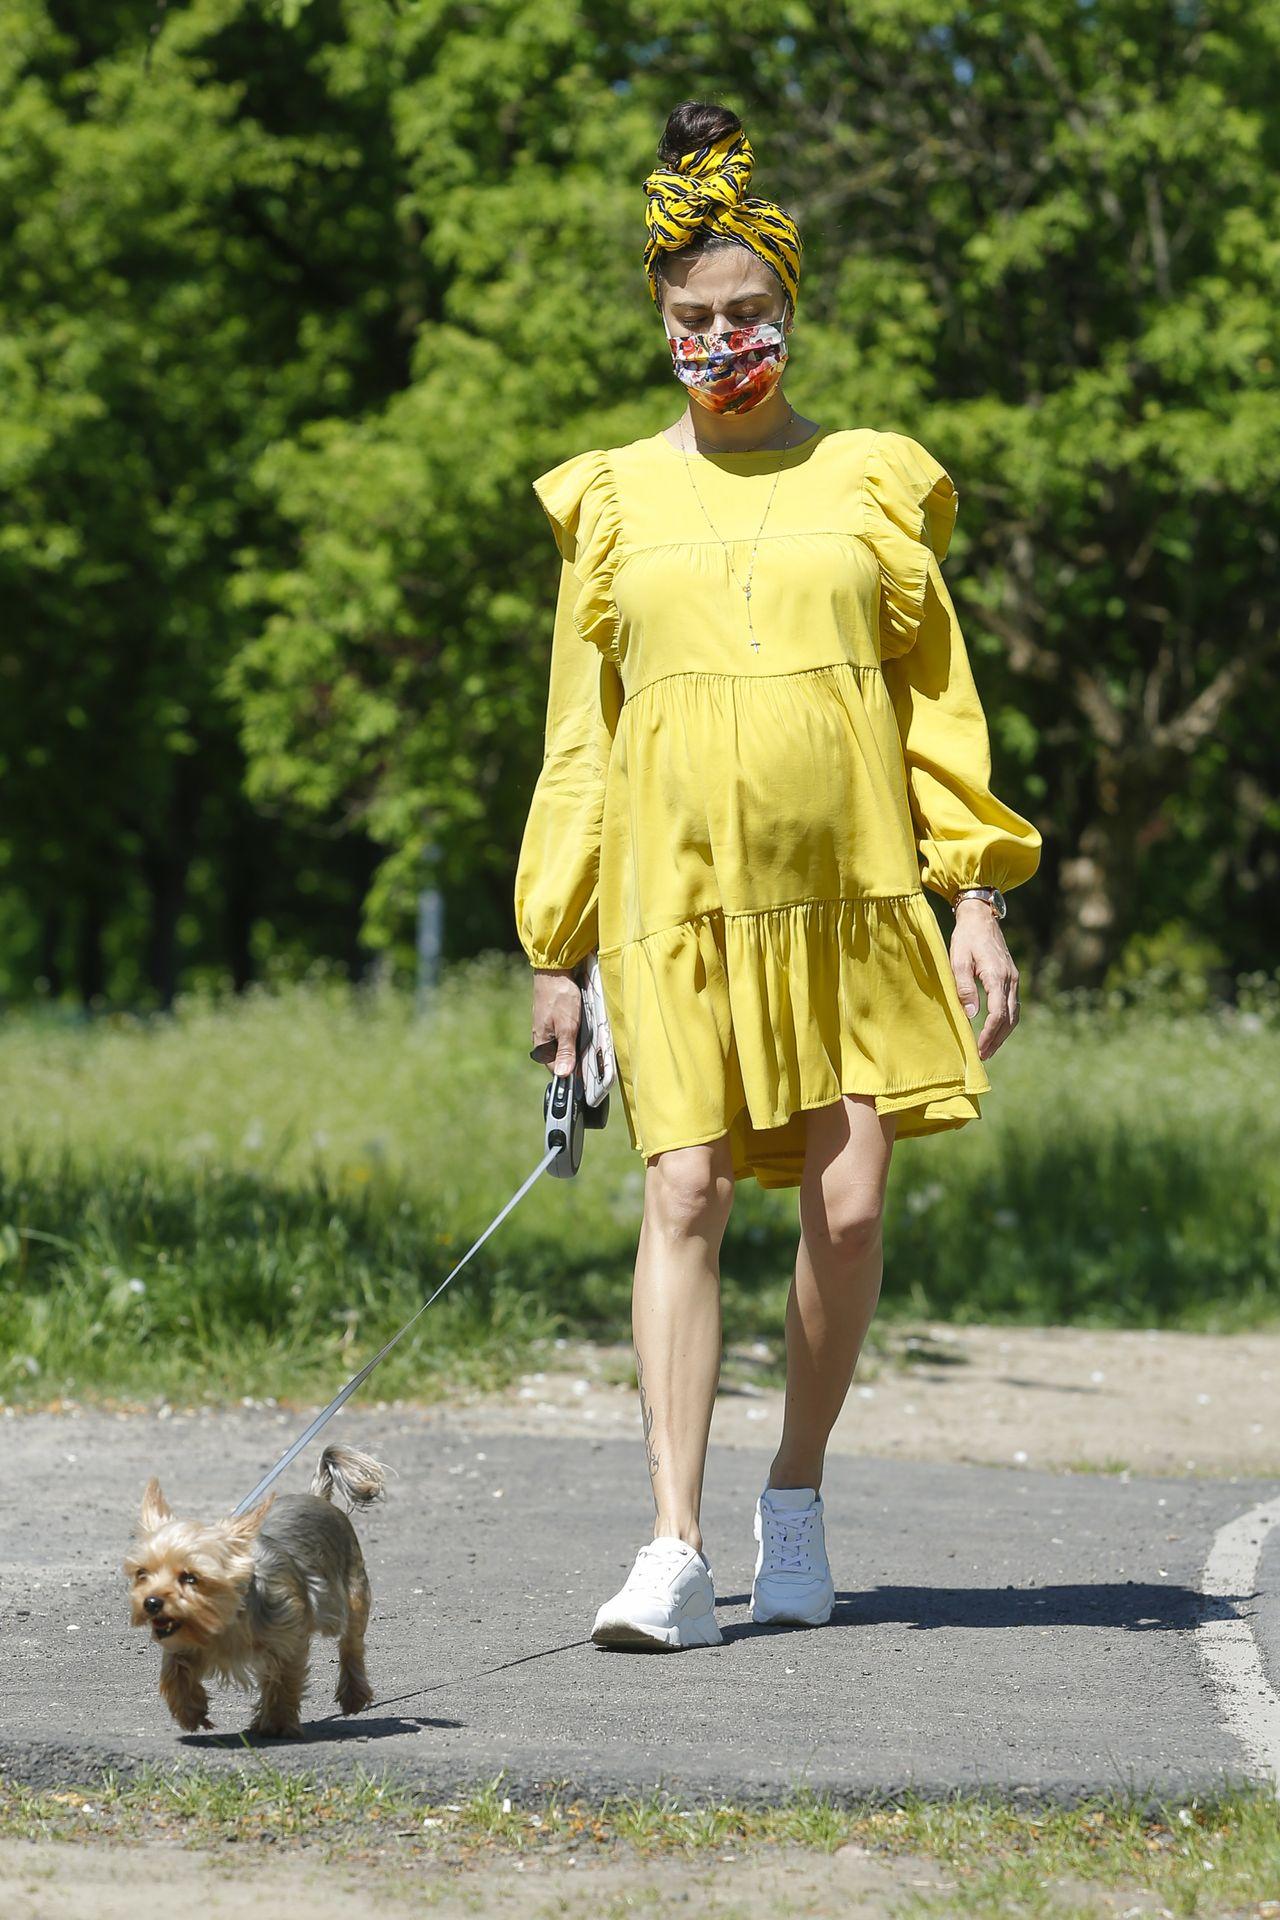 Maja Hyży w ciążowej sukience wyszła na spacer z psem